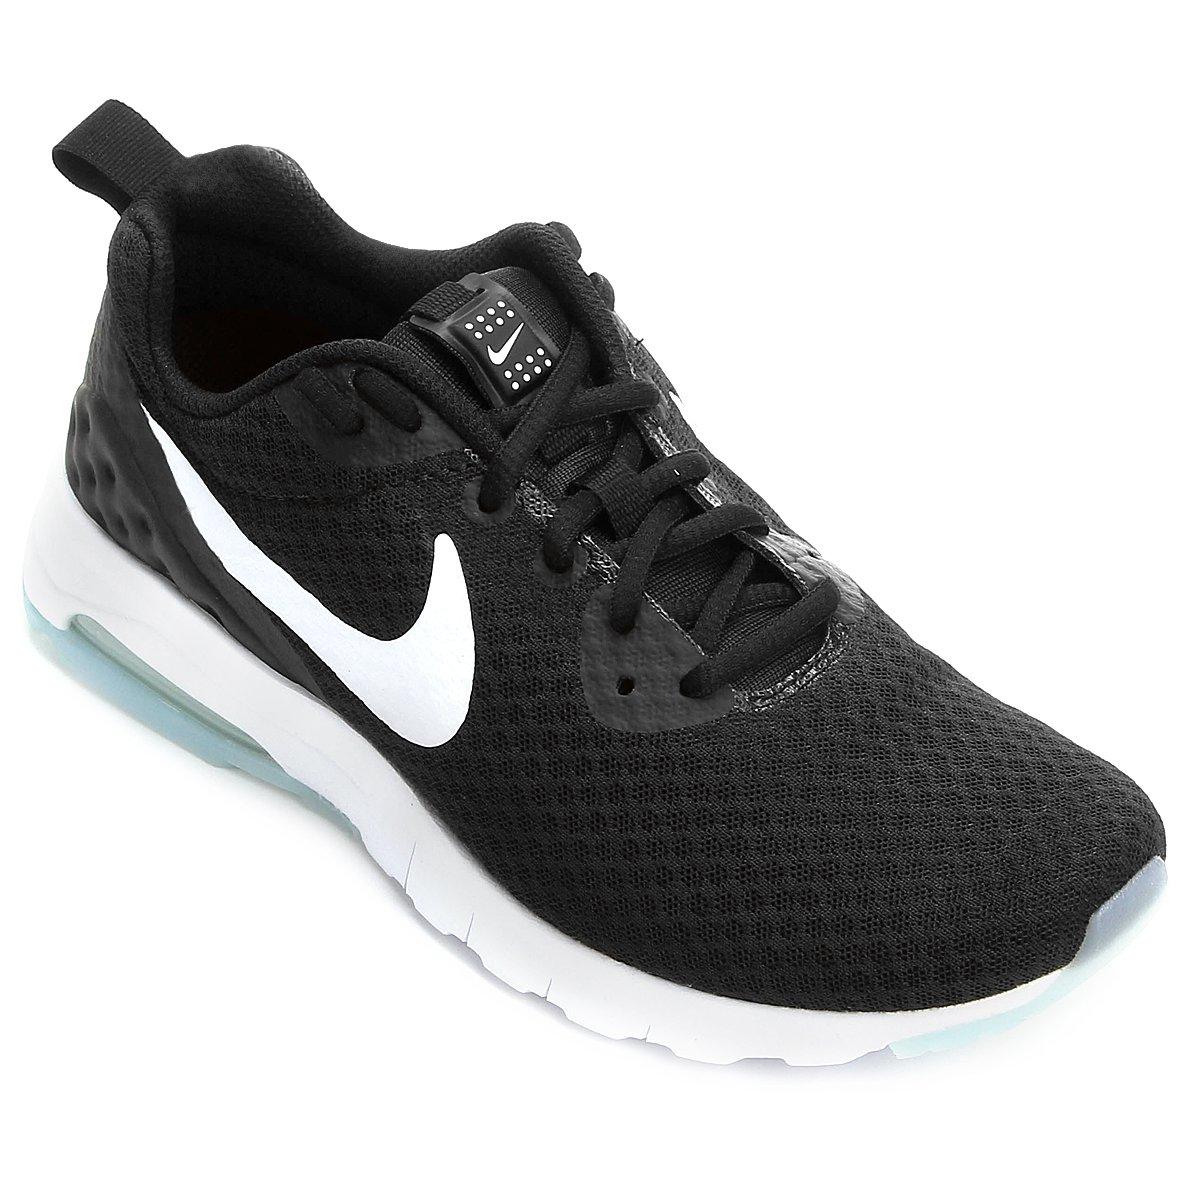 2e5ca1ccbb8 Tênis Nike Air Max Motion Lw Feminino - Compre Agora